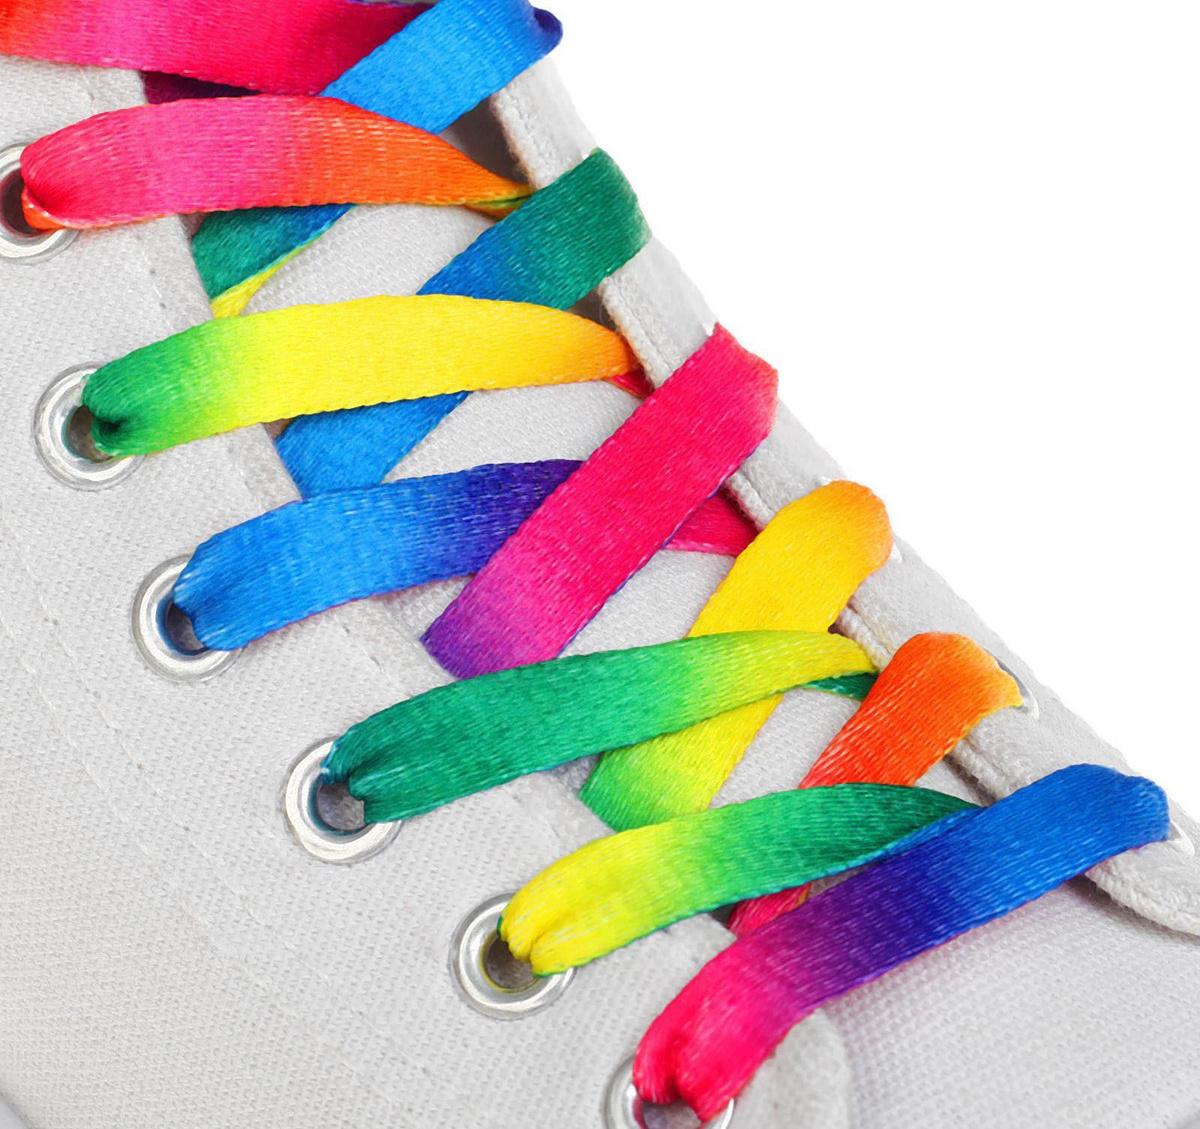 Шнурки для обуви плоские, 8 мм, 90 см, разноцветные #1